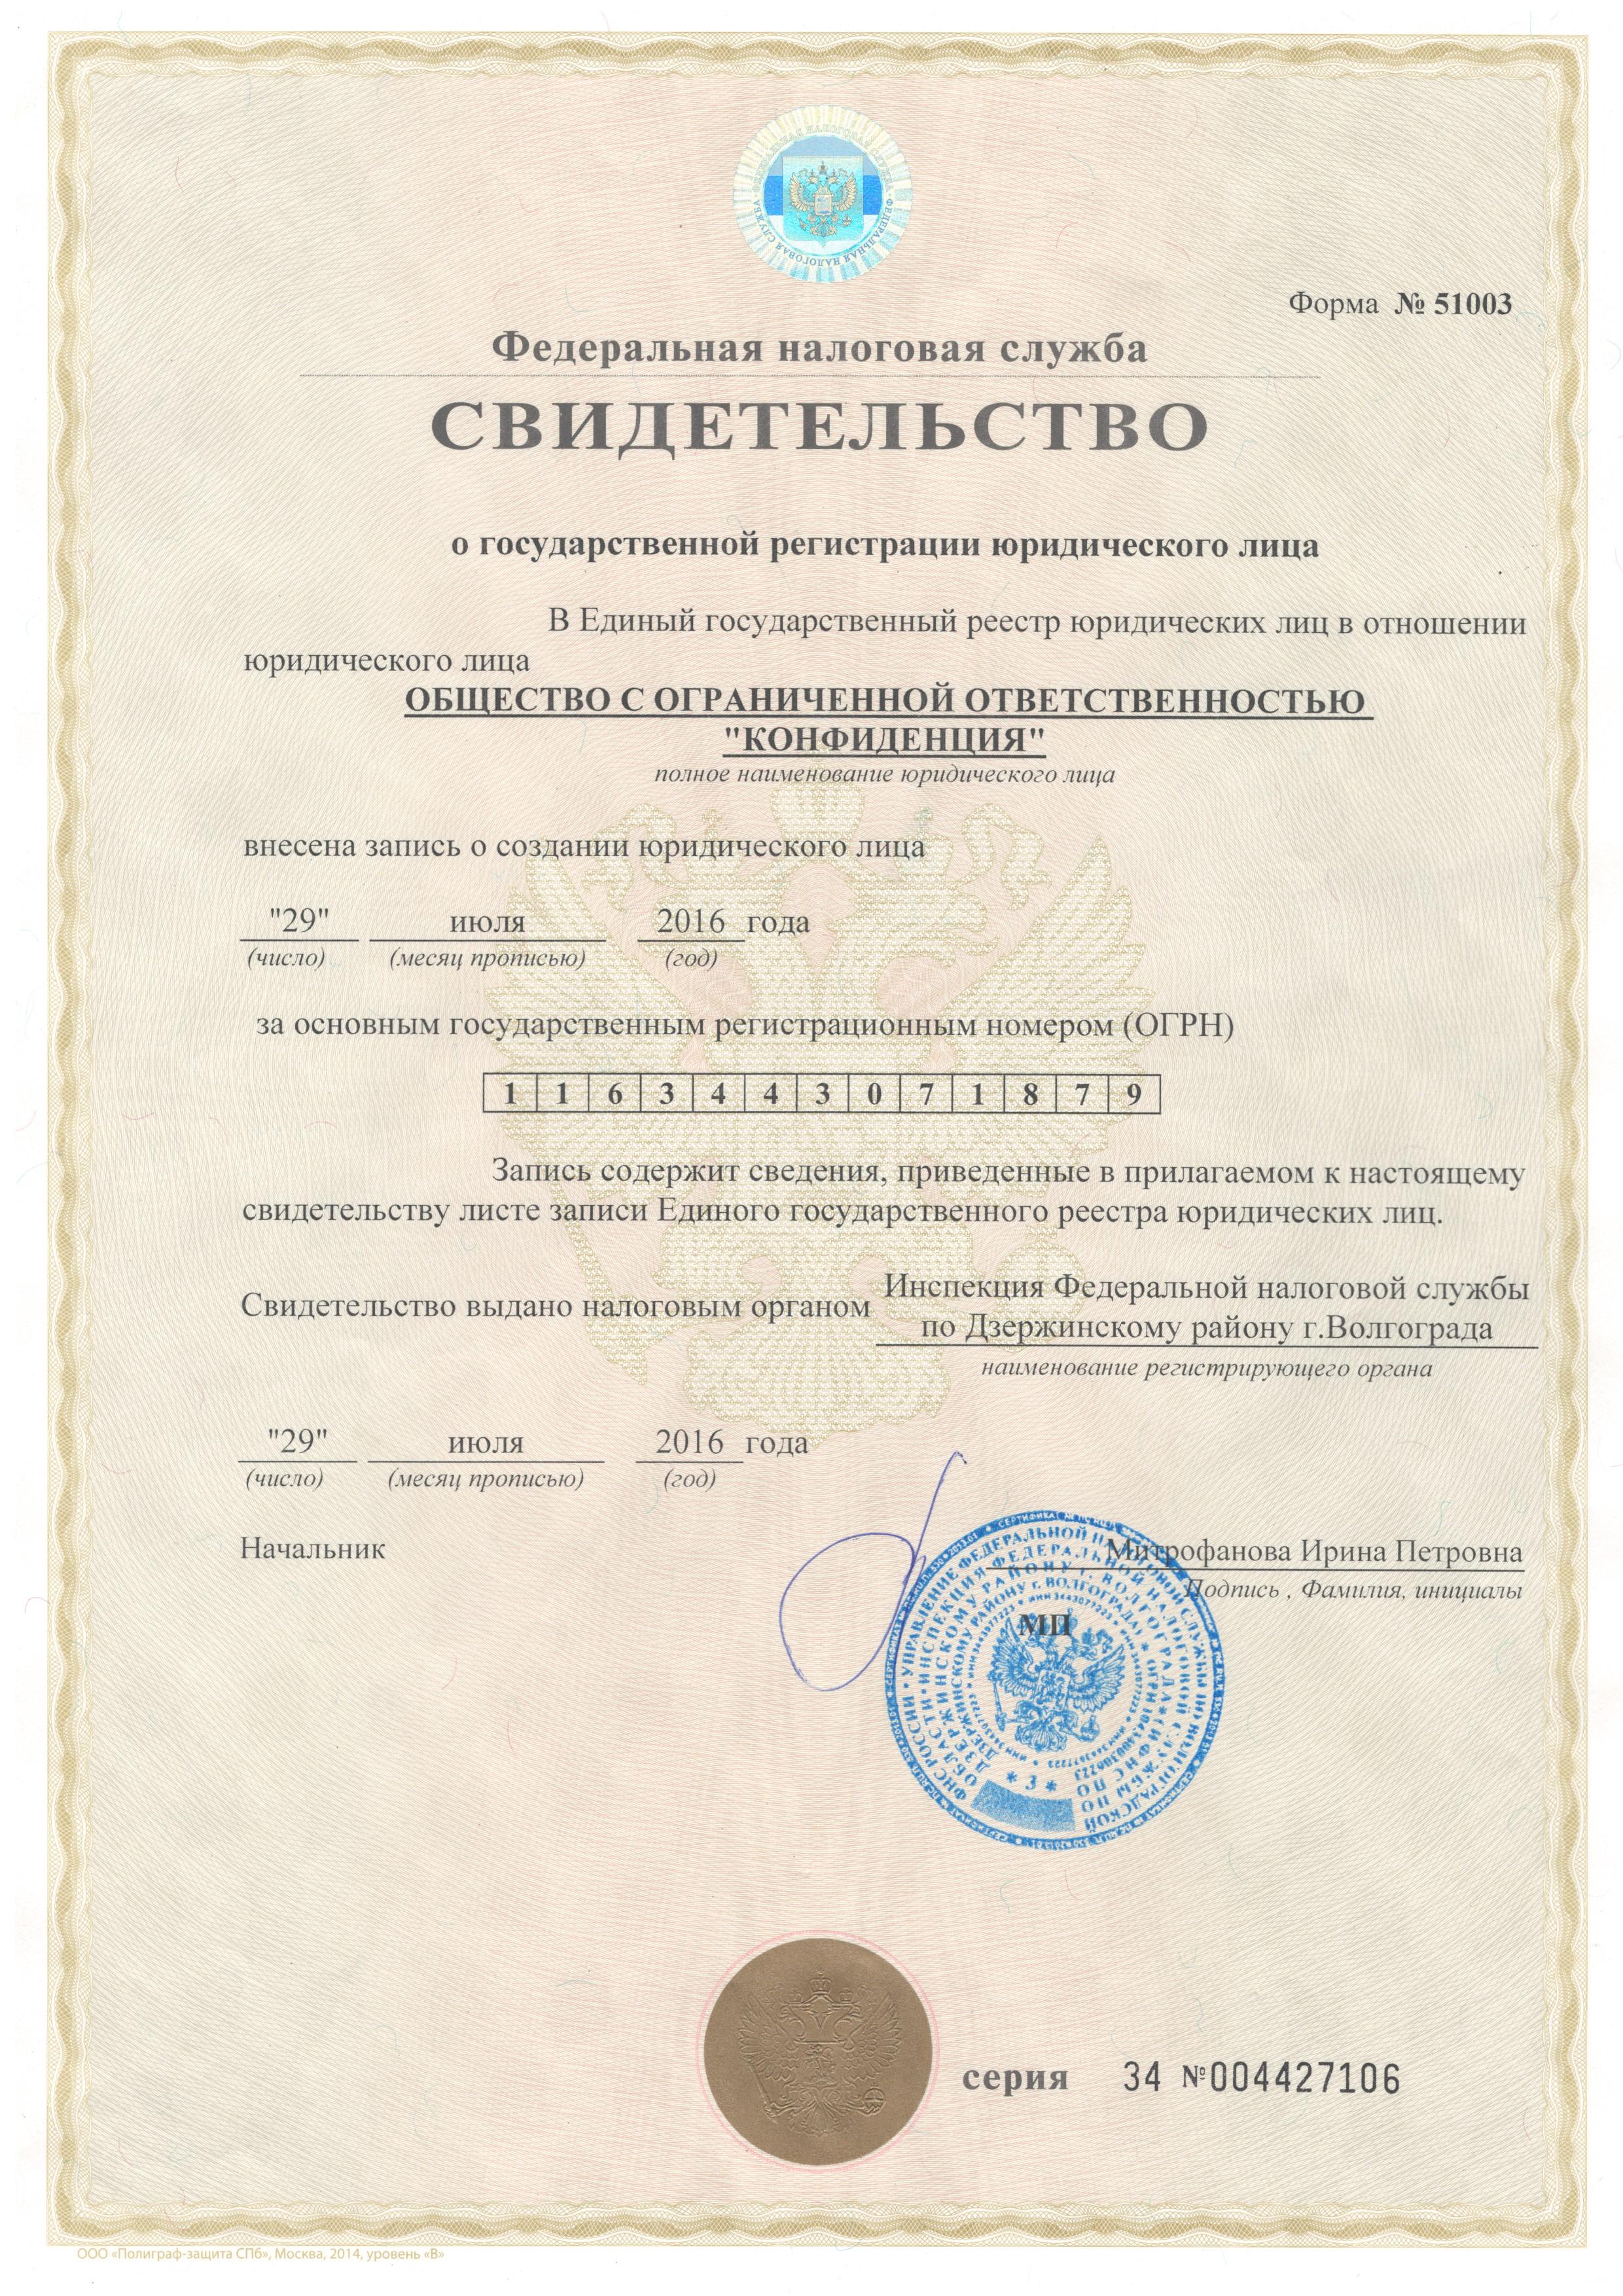 анкета для получения гражданства рф образец заполнения